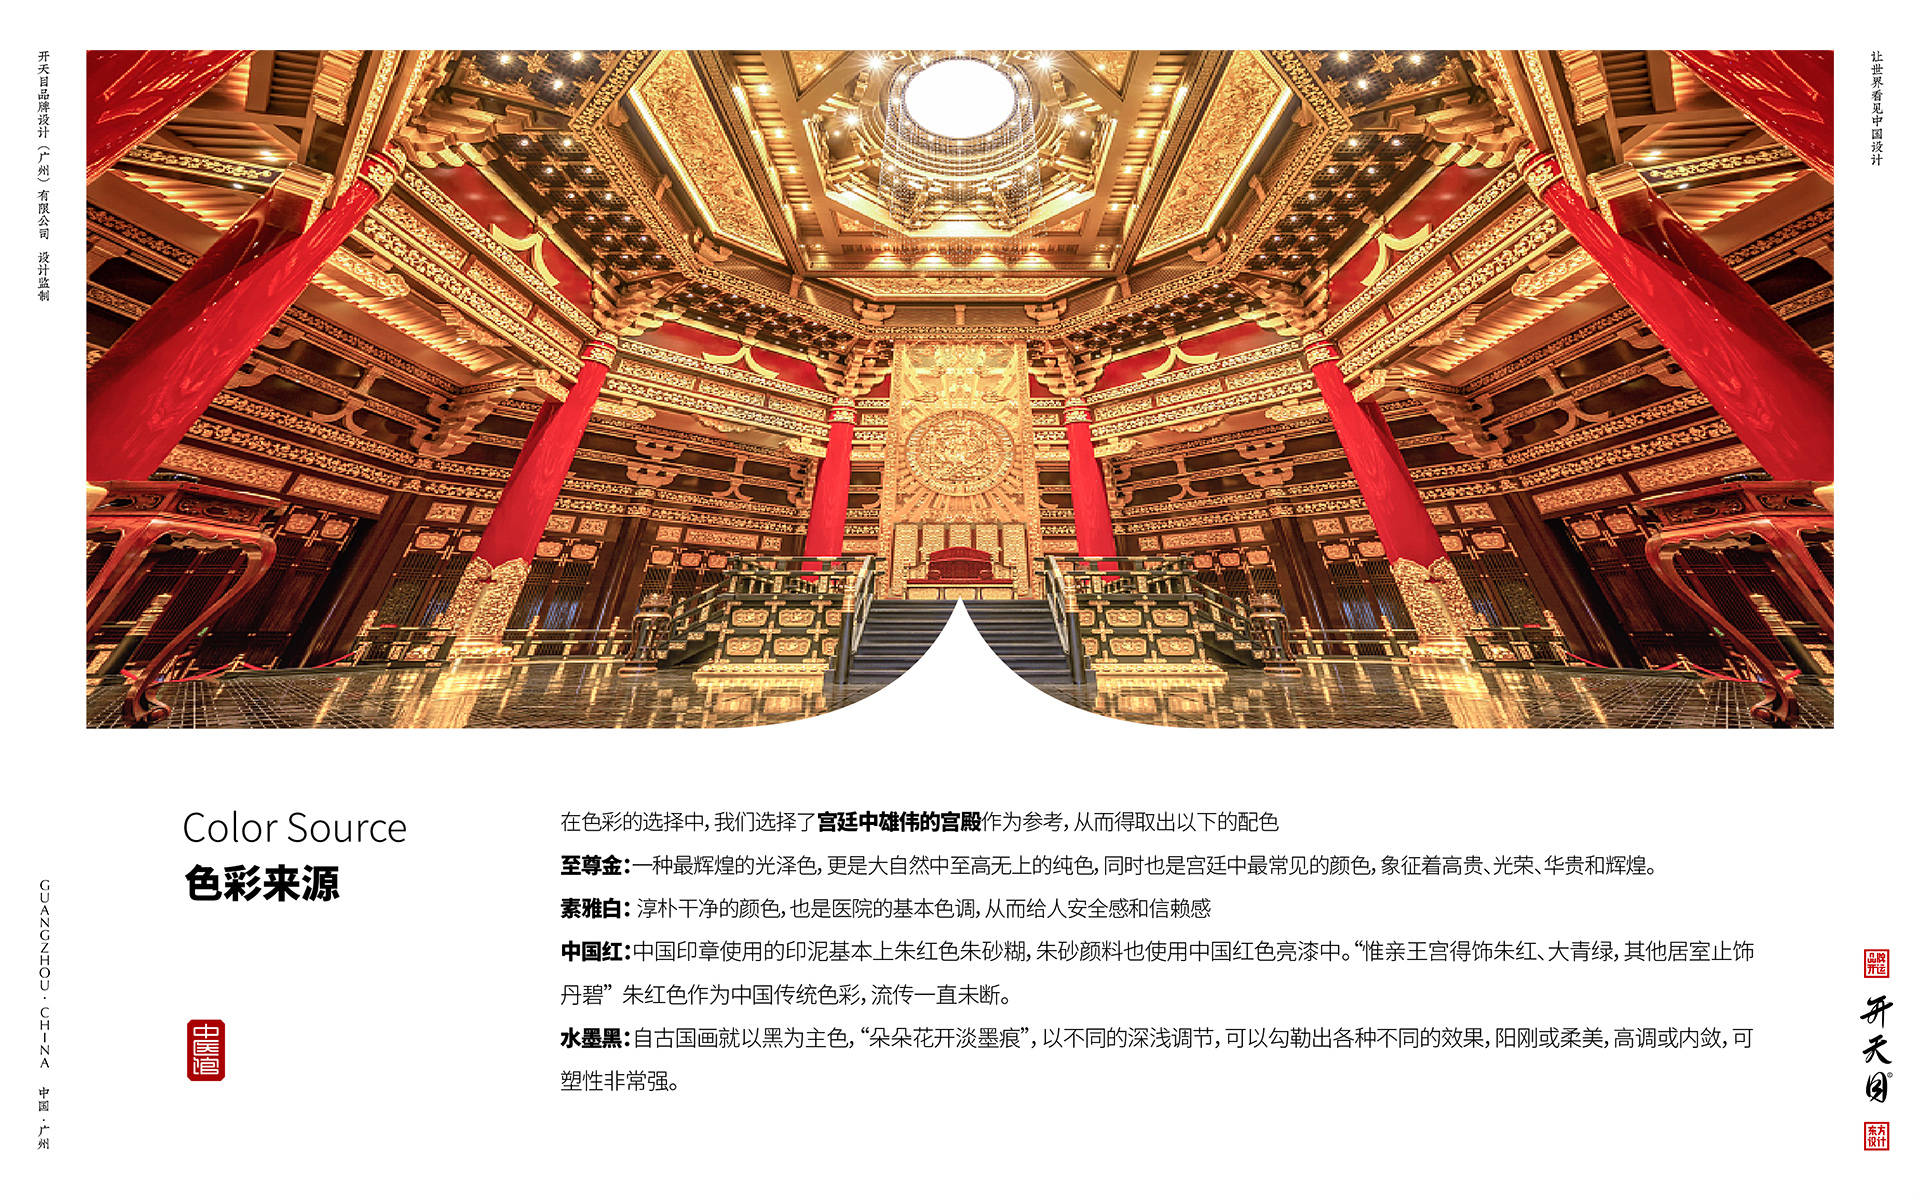 中国风保健理疗中医品牌logo vi设计 国潮